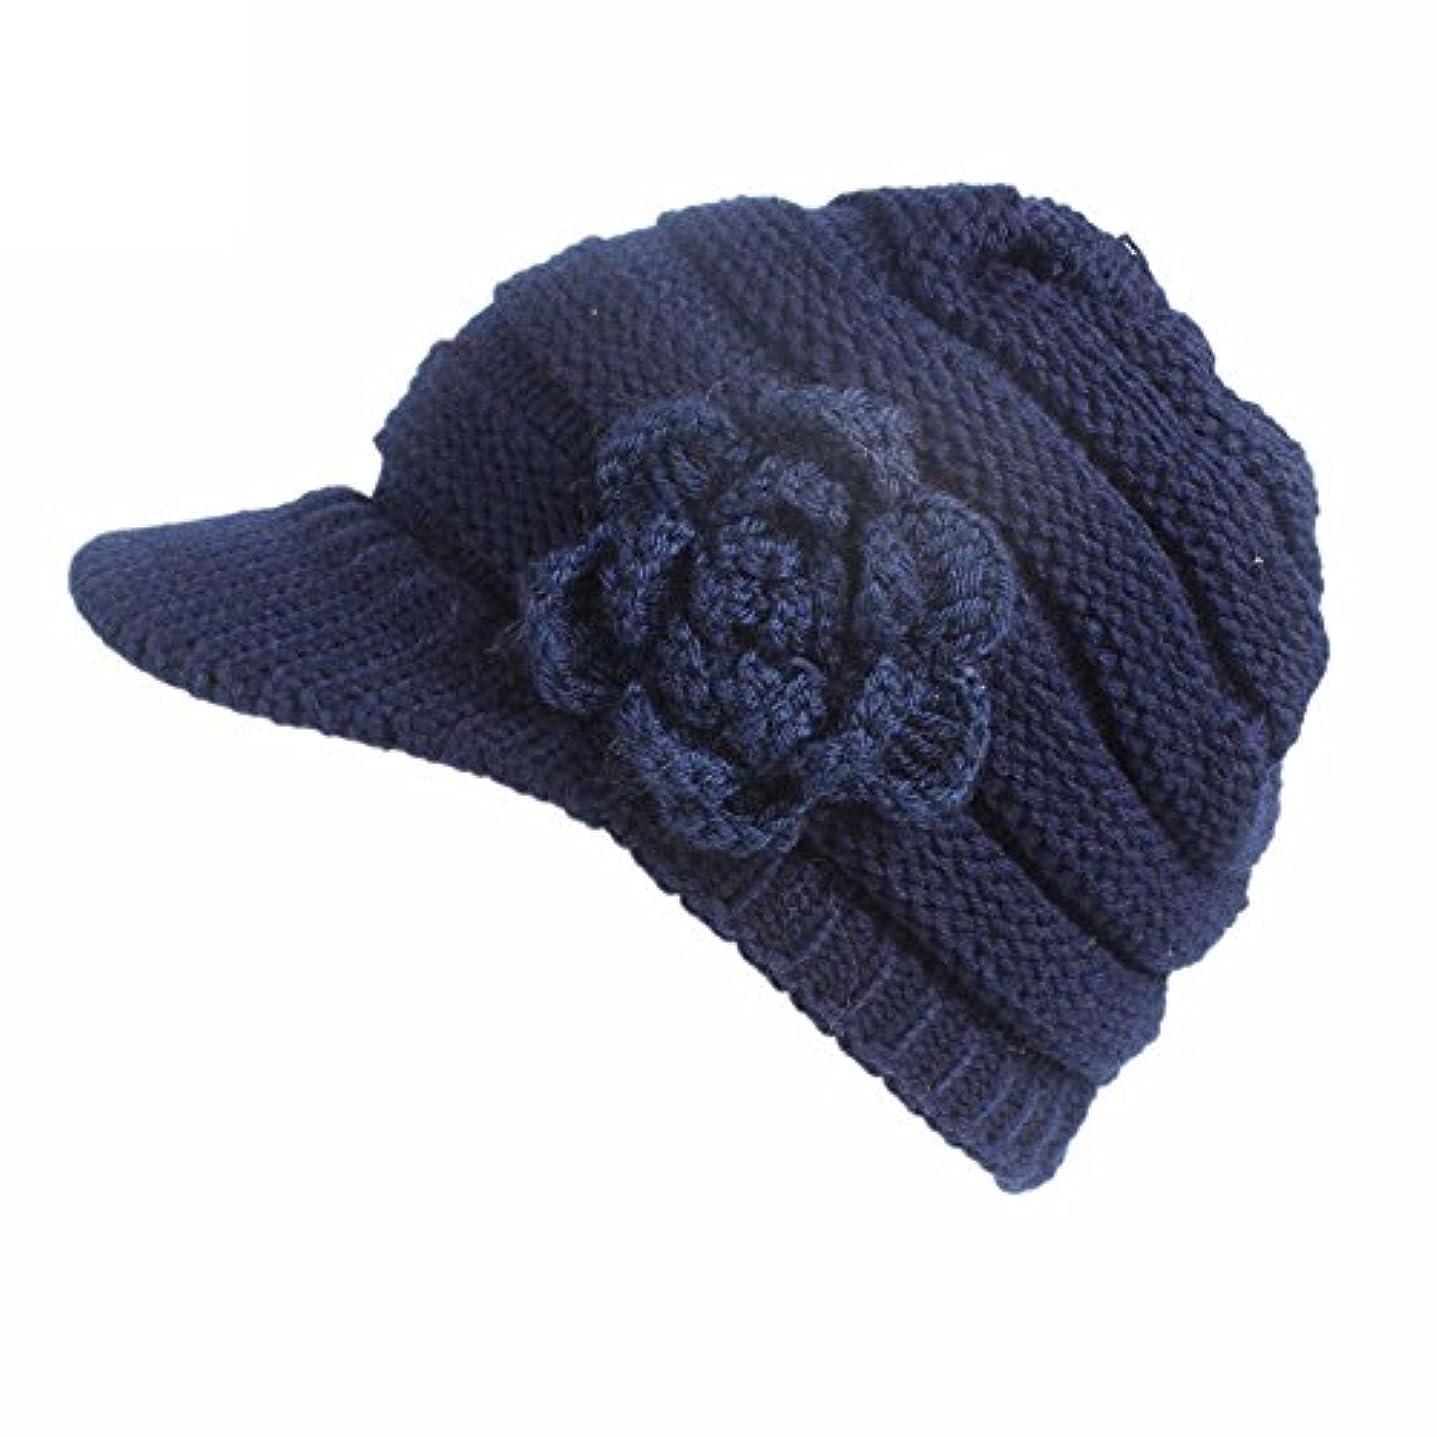 平均極めて重要な肌寒いRacazing 選べる5色 編み物 花 鸭舌帽 ニット帽 防寒対策 通気性のある 防風 暖かい 軽量 屋外 スキー 自転車 クリスマス Hat 女性用 (ネービー)